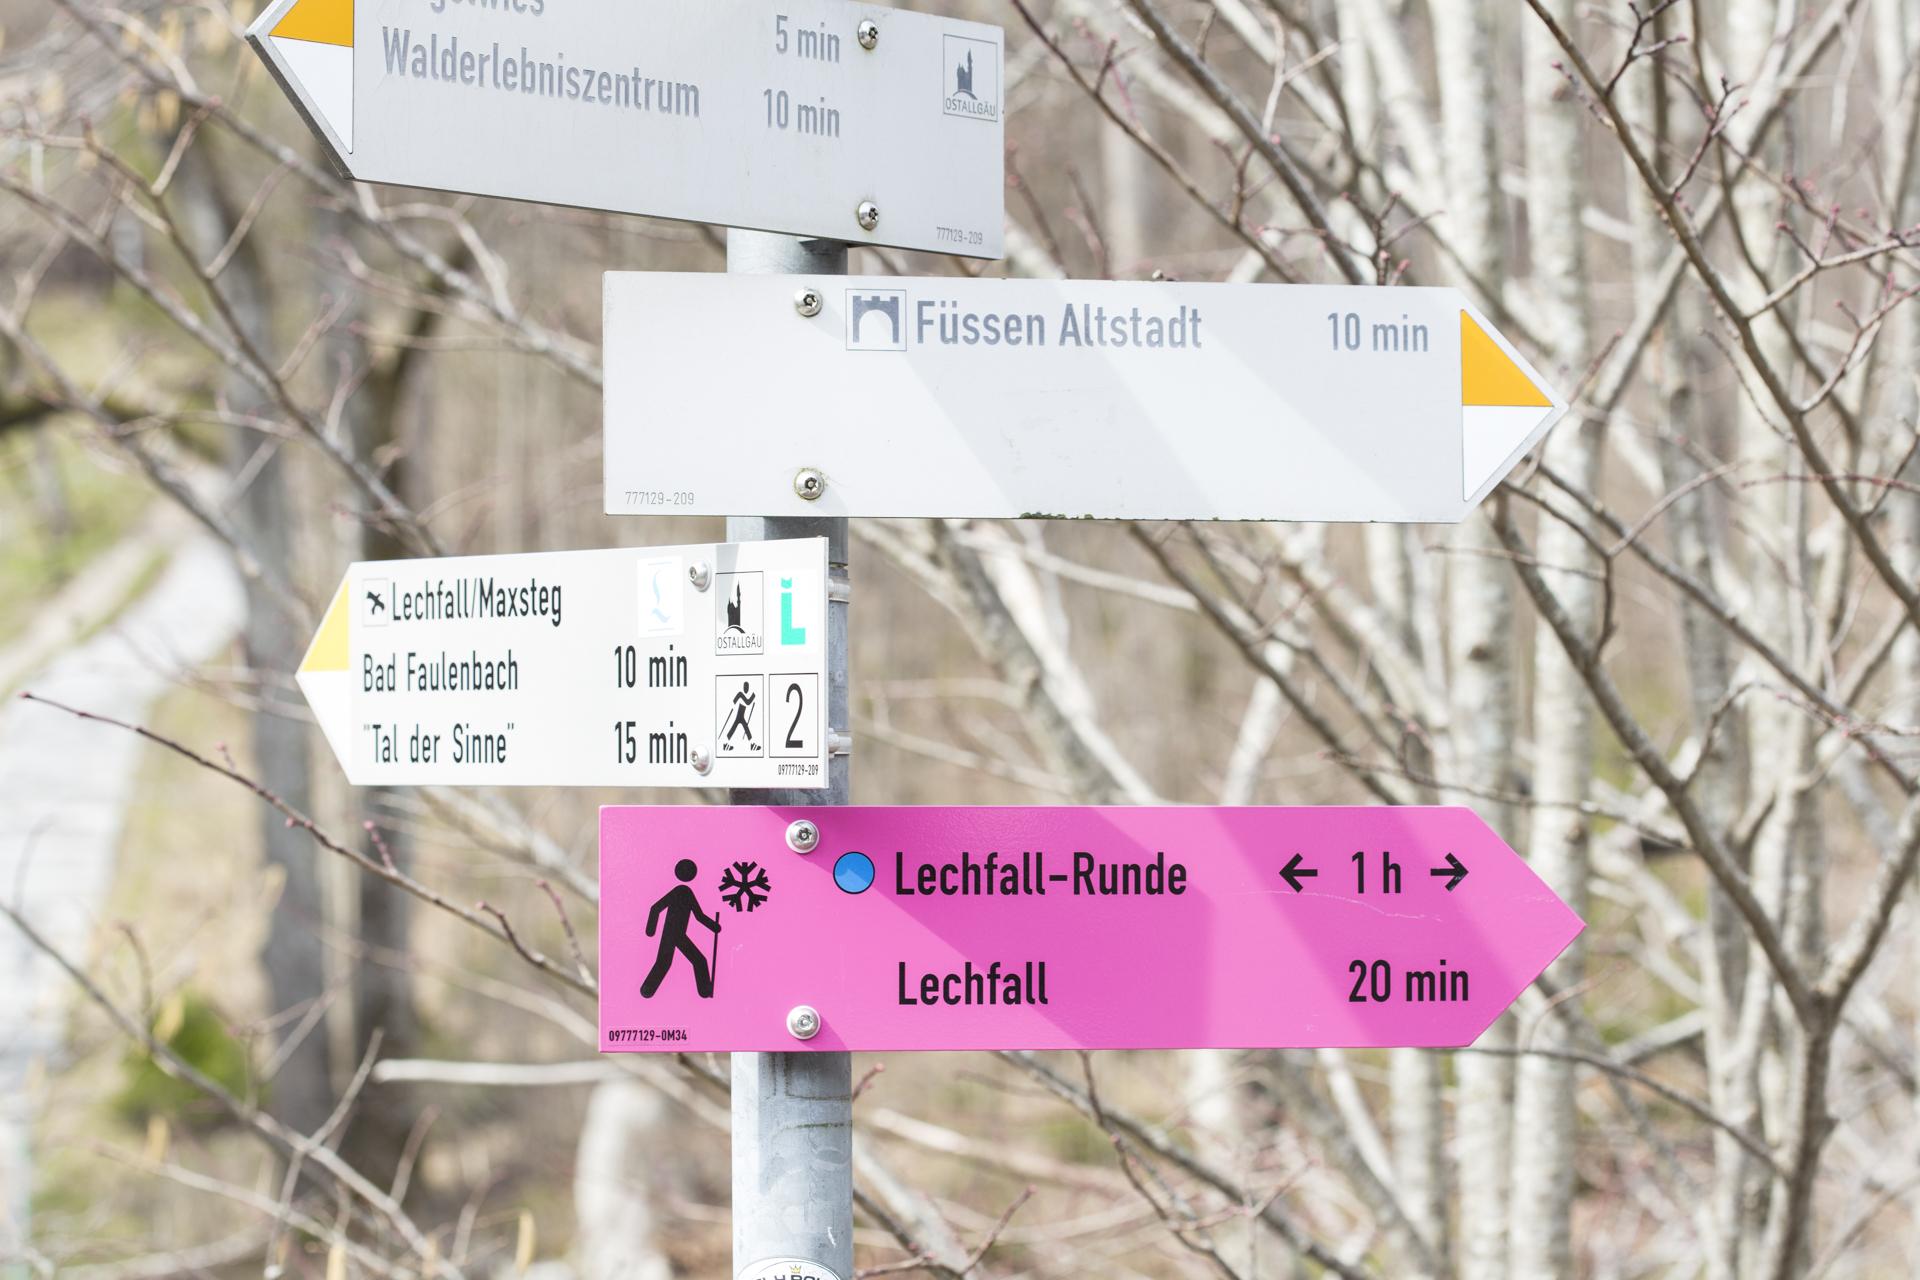 In Richtung Fuessen Altstadt